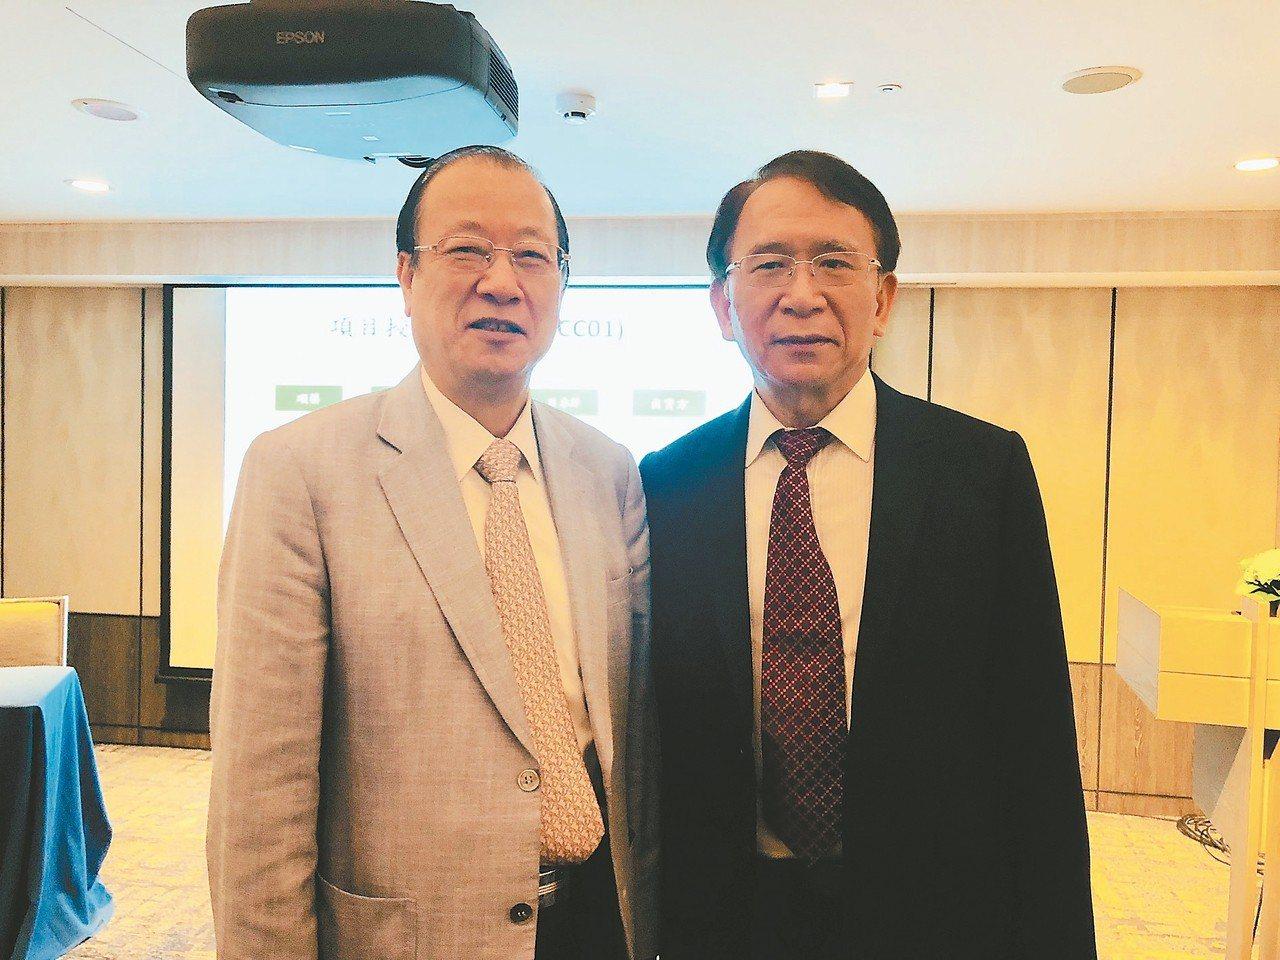 晟德集團法說會,晟德董事長林榮錦(右)與集團子公司順藥董事長蔡長海(左)均出席。...